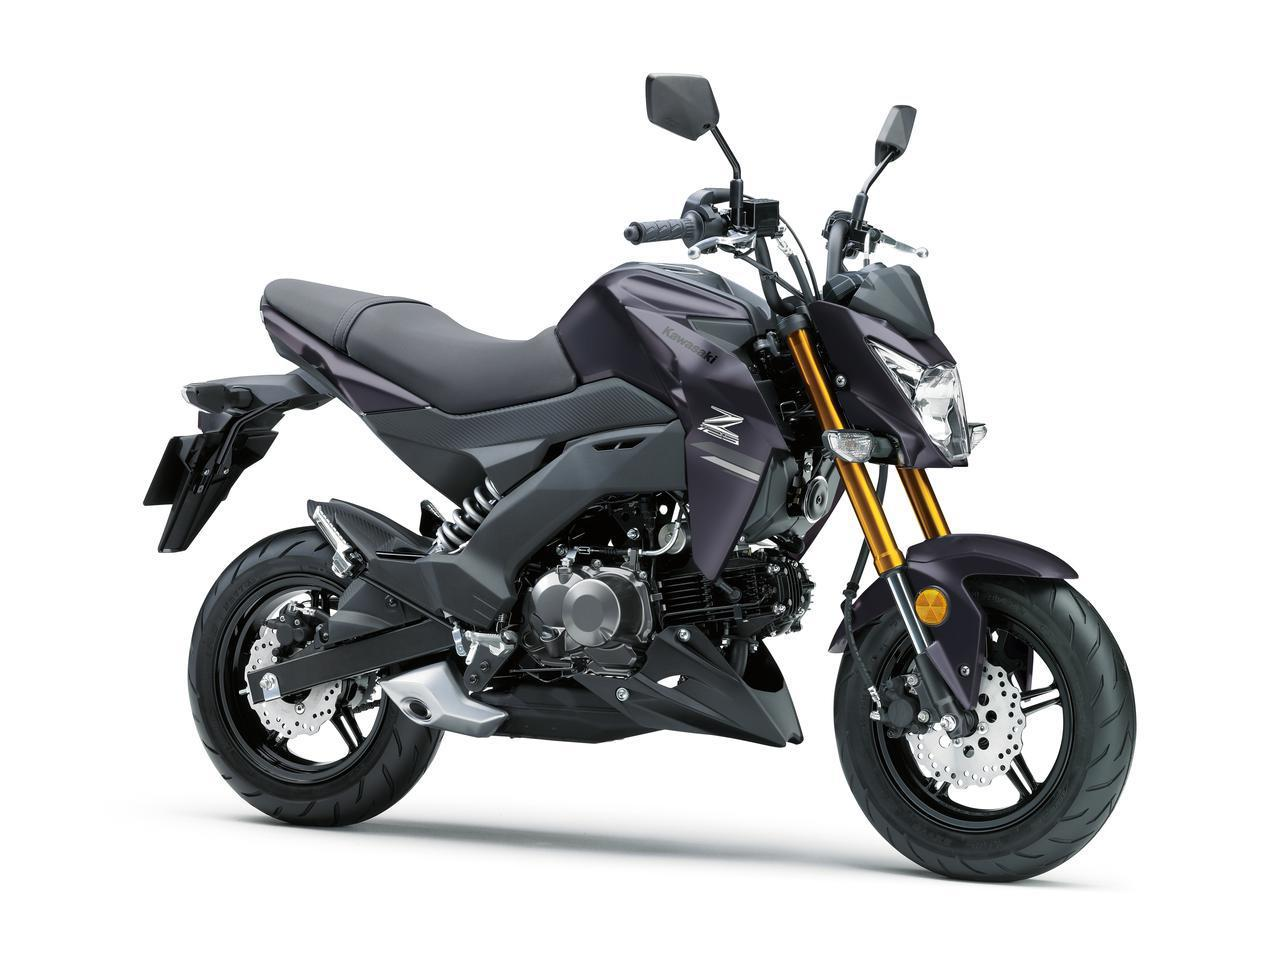 画像5: 2月1日発売!カワサキ「Z125 PRO」原付二種免許で乗れるカワサキのファンバイクに2020年カラーがラインアップ!